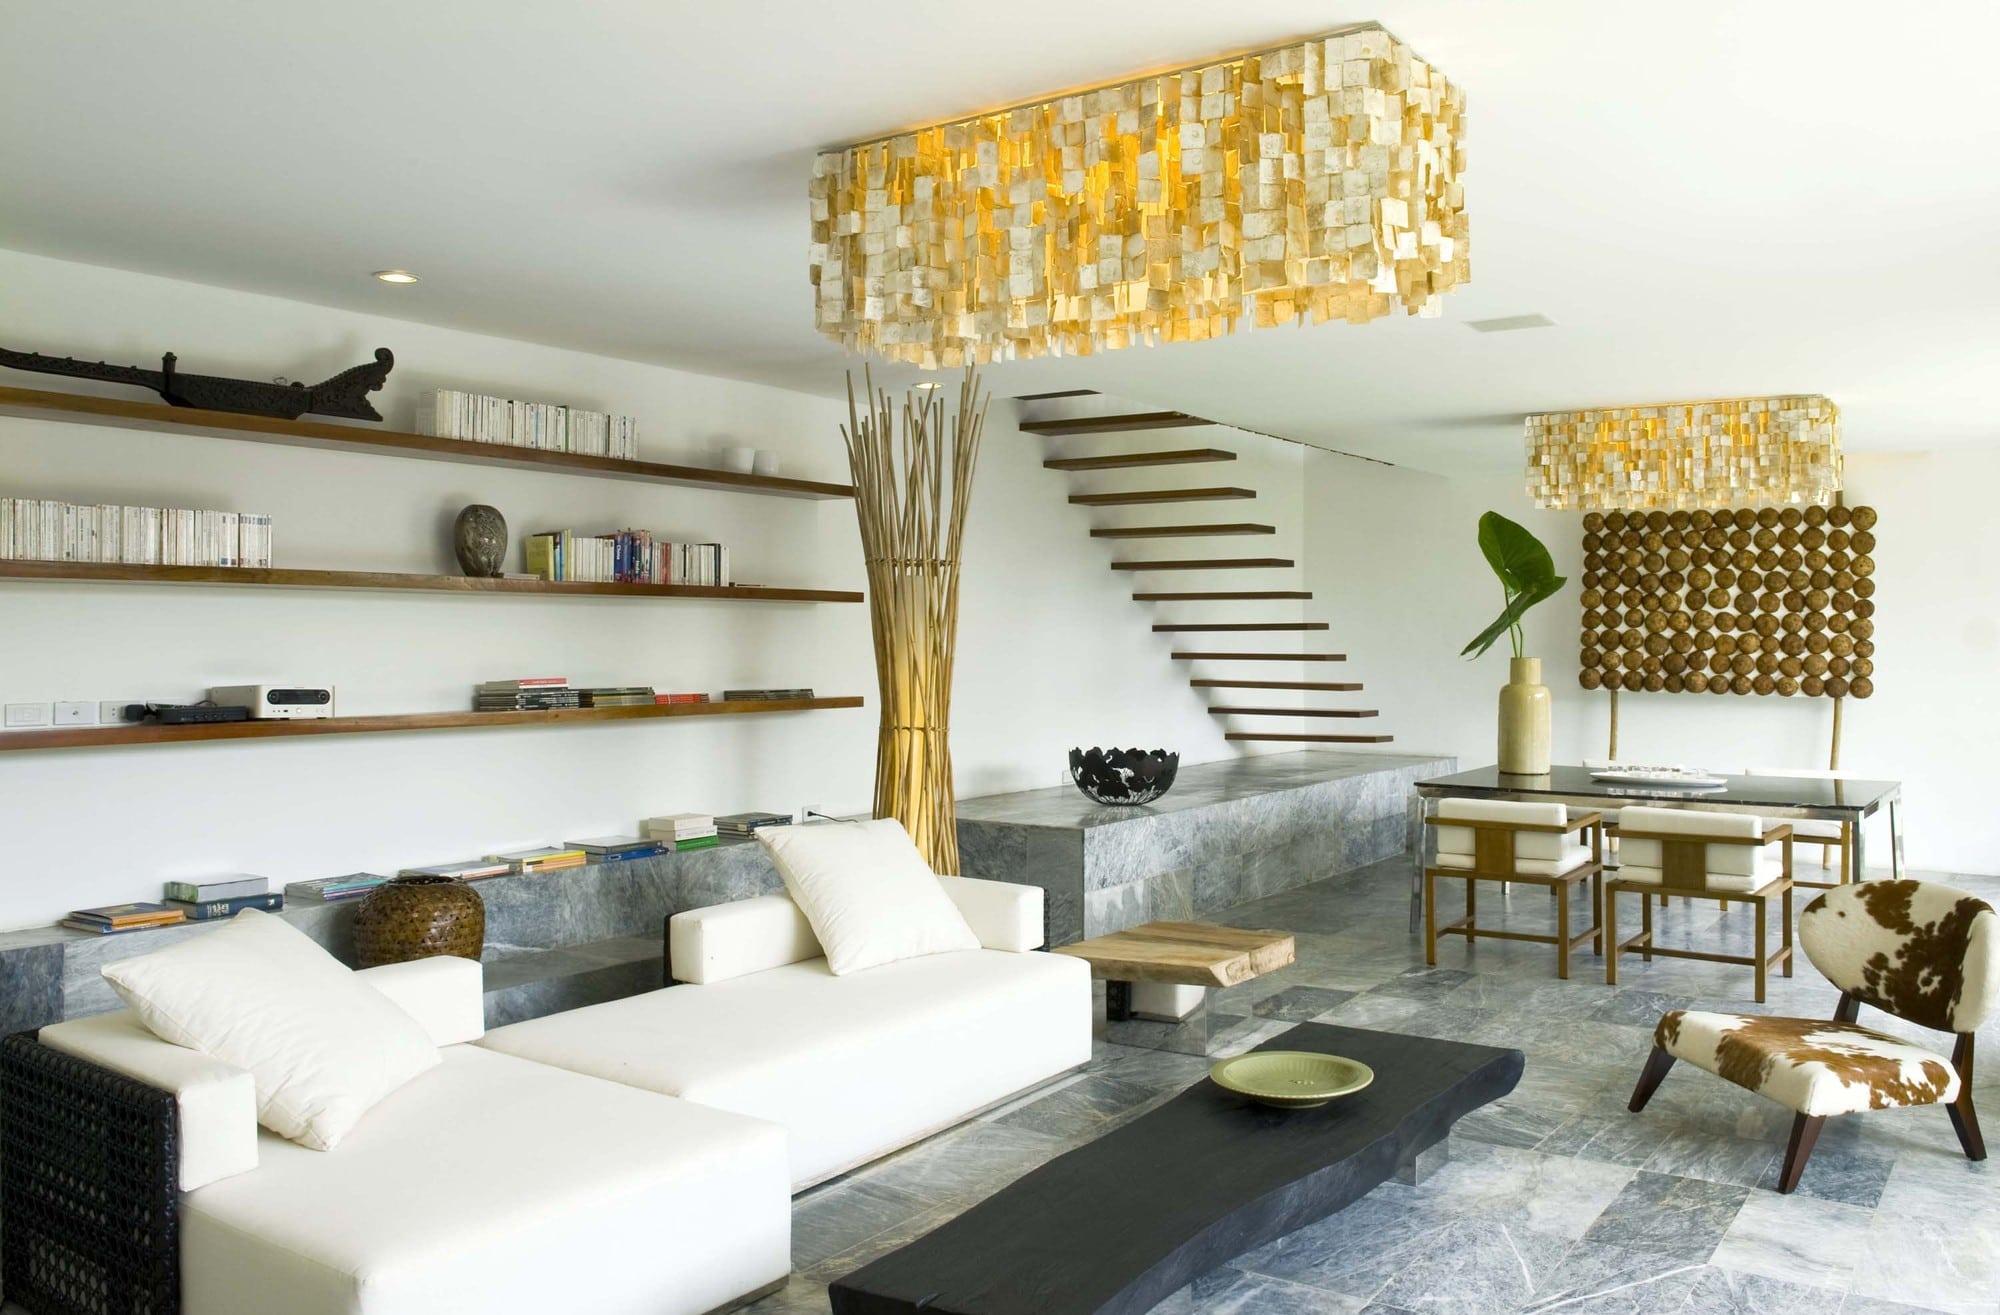 Dise o de casa r stica fachada interiores y planos for Diseno de hogar